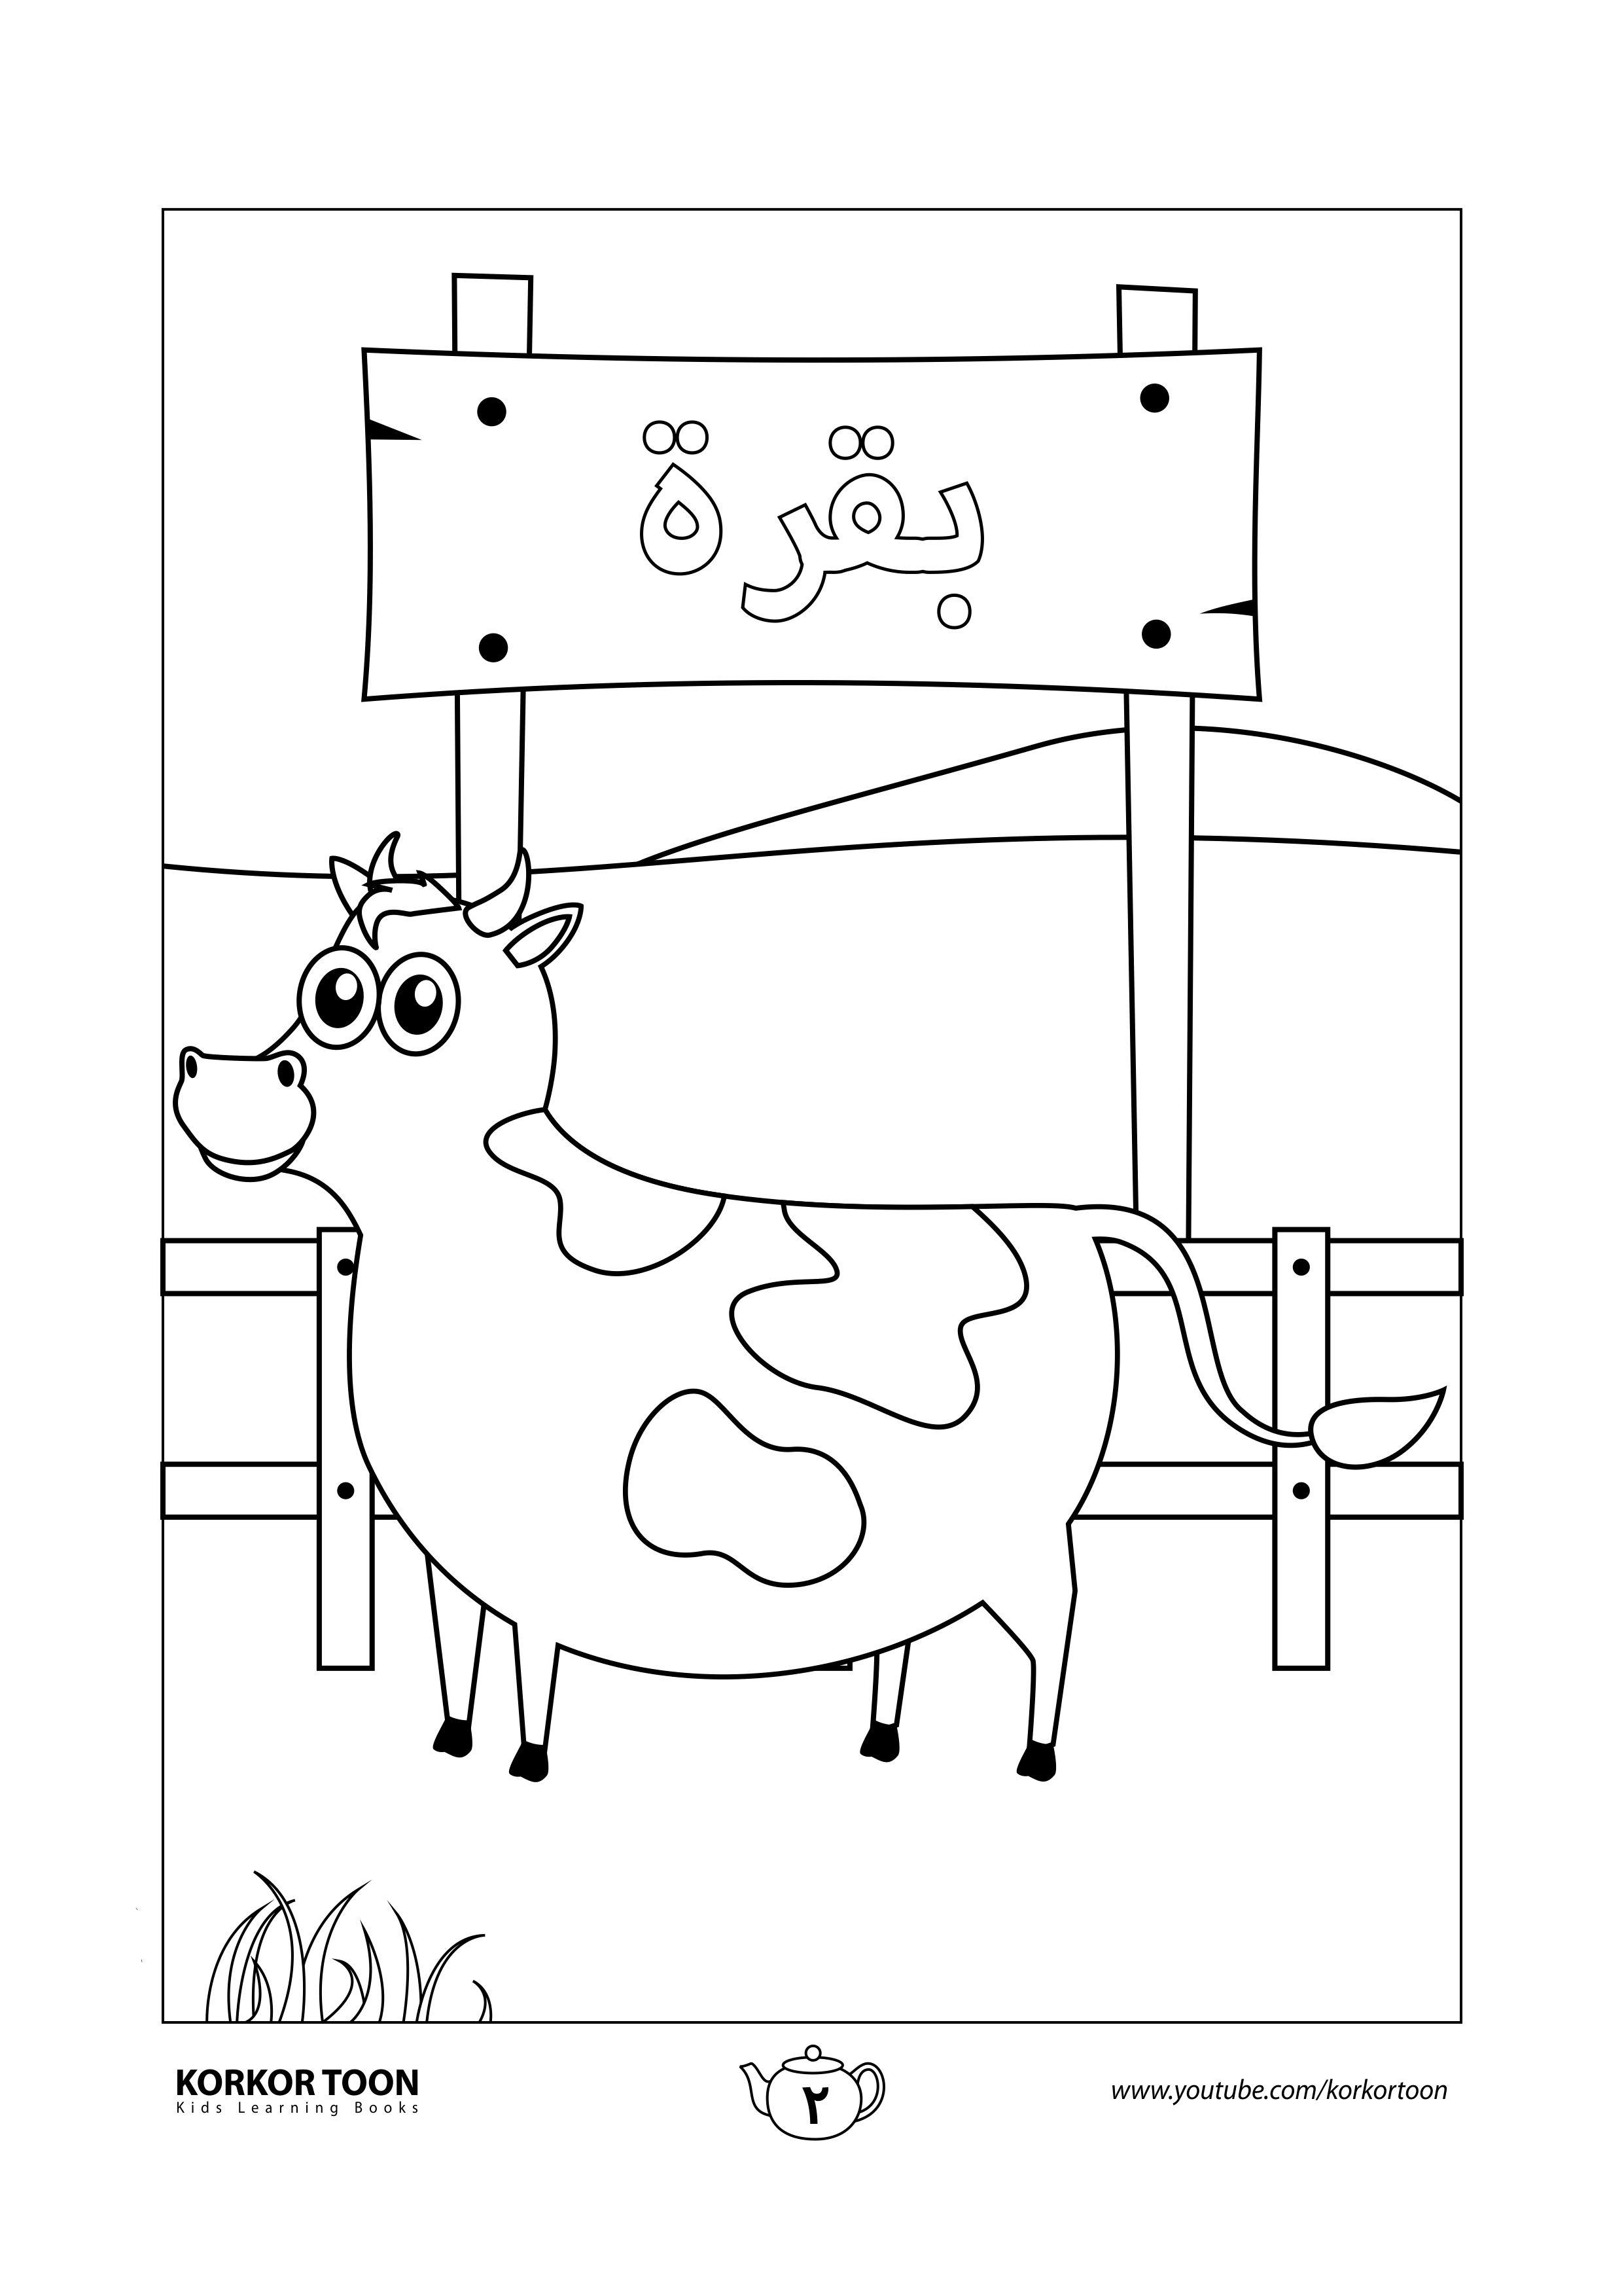 كتاب تلوين حيوانات المزرعة تلوين البقرة صفحة 2 Animal Coloring Books Coloring Books Books